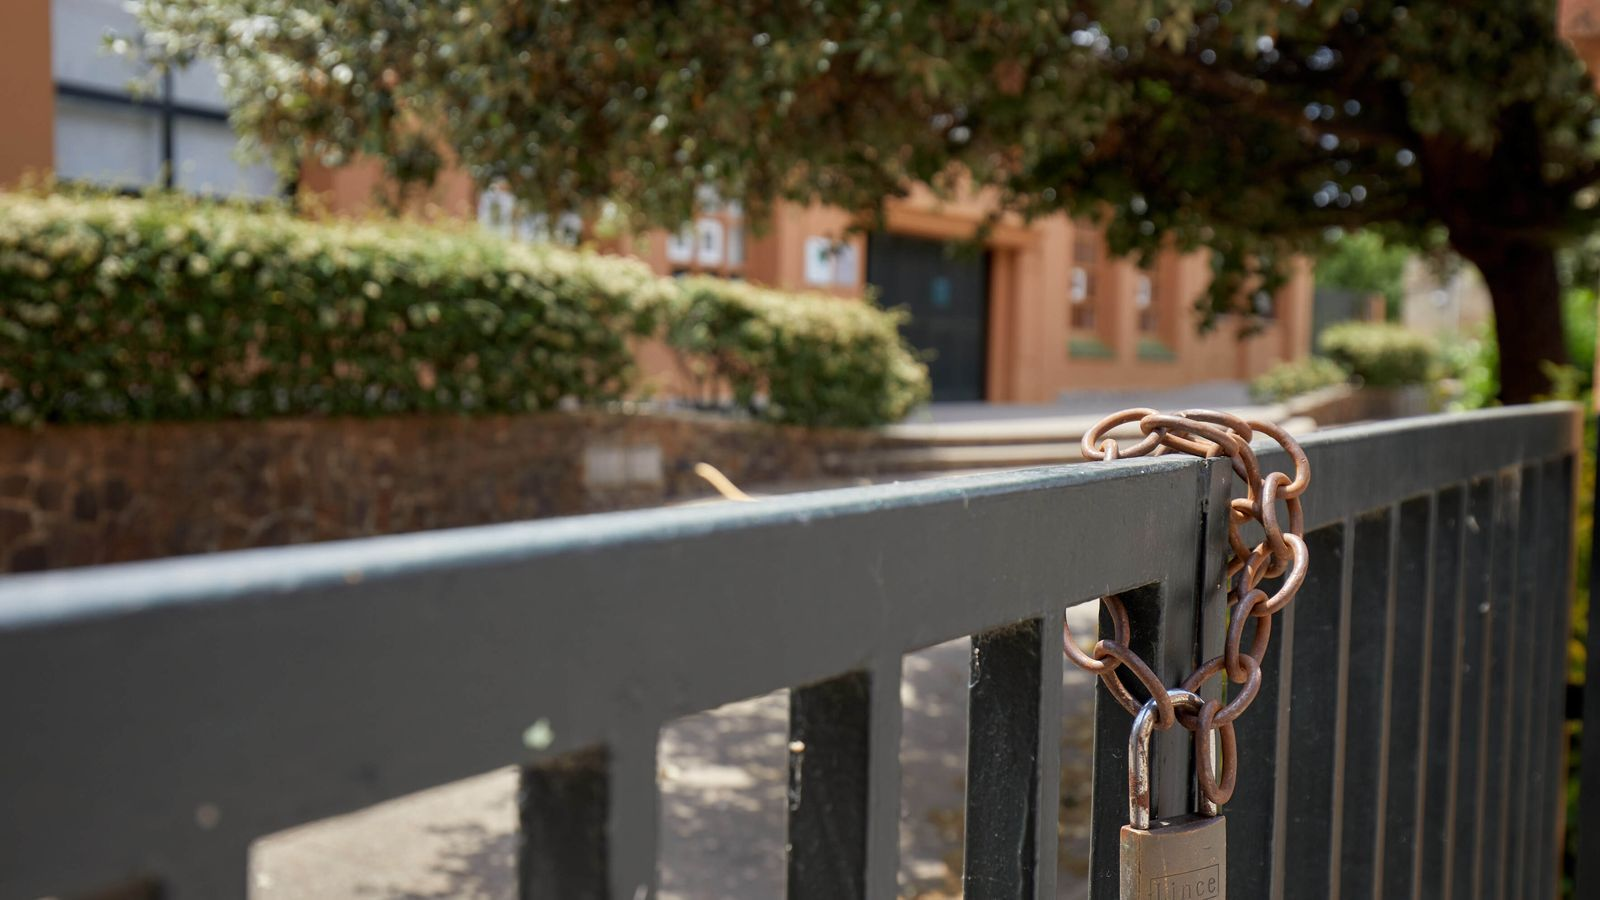 Sis centres educatius que podien obrir avui a Catalunya no ho han fet